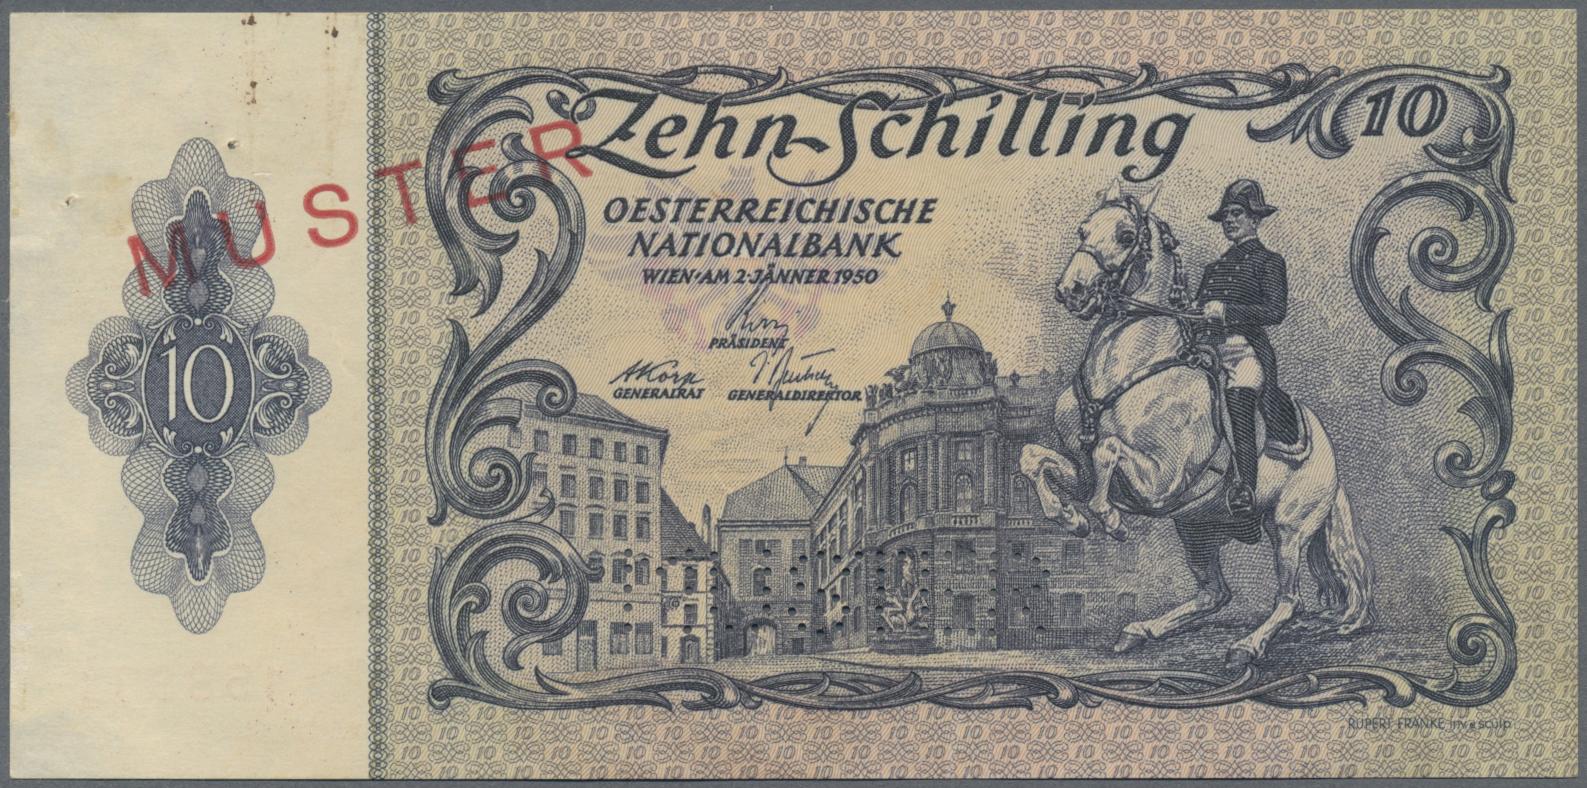 Lot 00034 - Austria / Österreich   Banknoten  -  Auktionshaus Christoph Gärtner GmbH & Co. KG Sale #48 The Banknotes